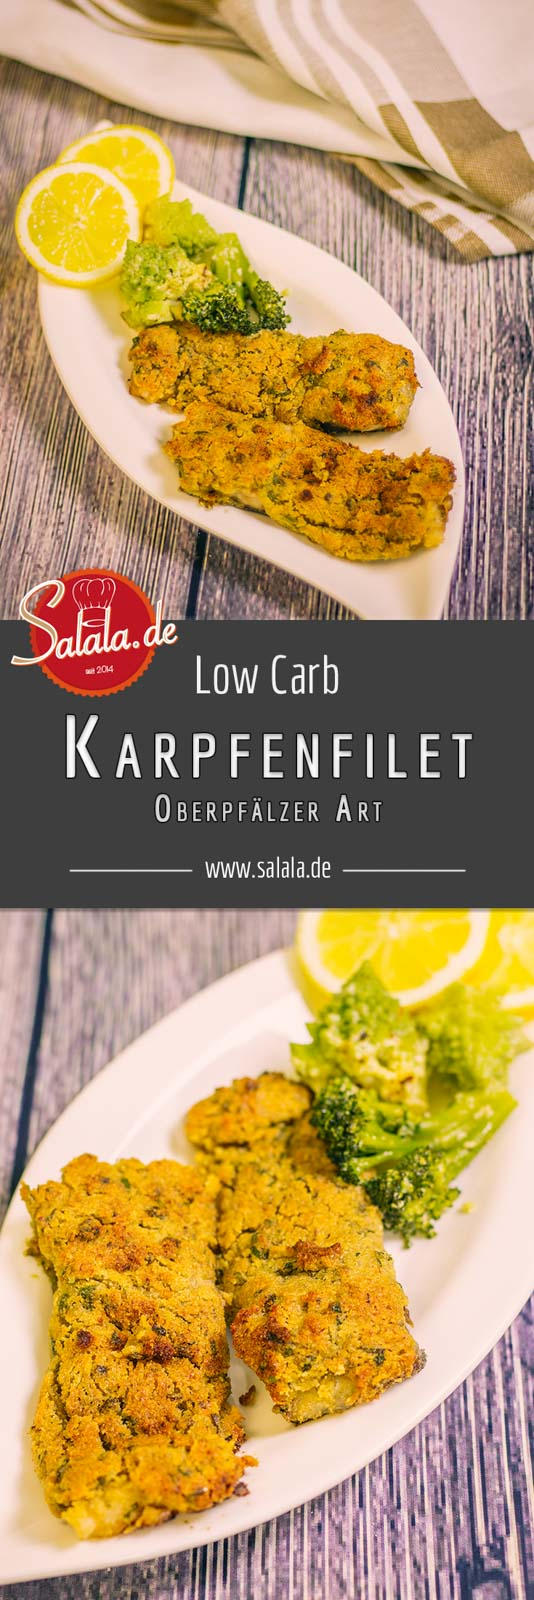 Oberpfälzer Karpfenfilet Rezept Low Carb Fisch Rezept mit knuspriger Panade und Meerrettich #lowcarbfischrezepte #lowcarbrezepte #lowcarbfisch #fischpanieren #oberpfälzerfisch